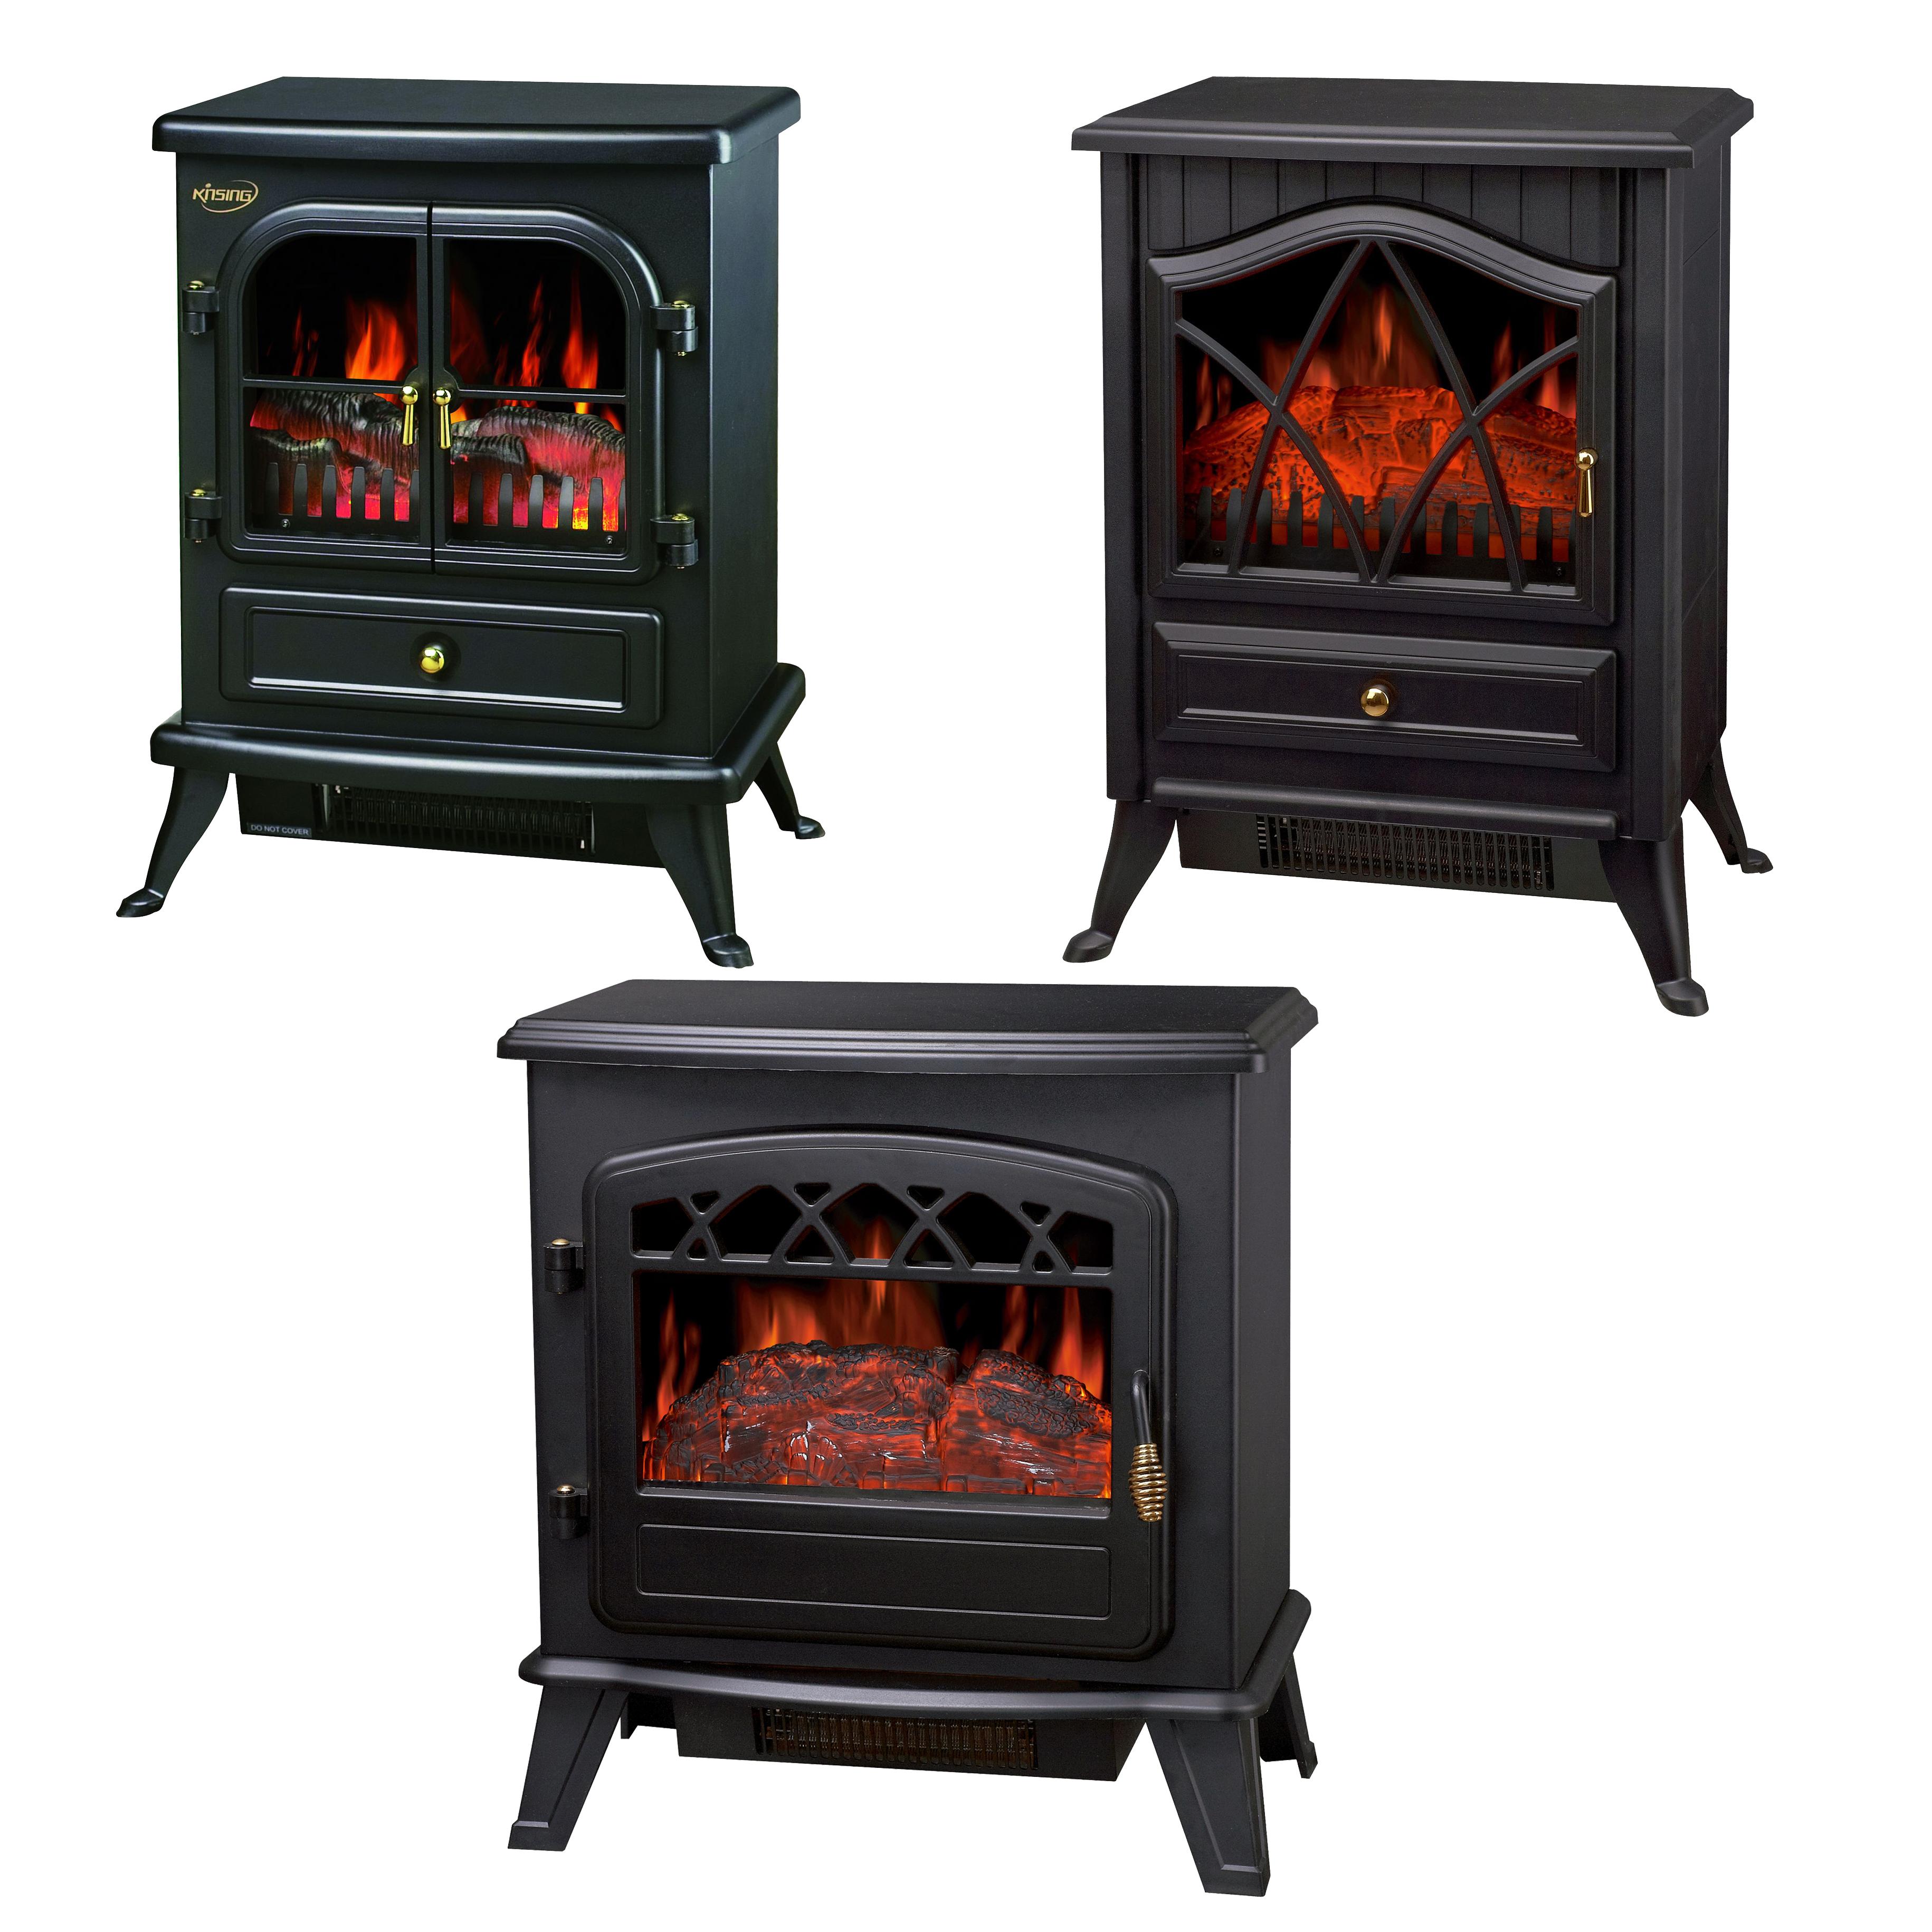 Tronchi bruciatore effetto della fiamma 1850w fuoco for Camino elettrico effetto fiamma